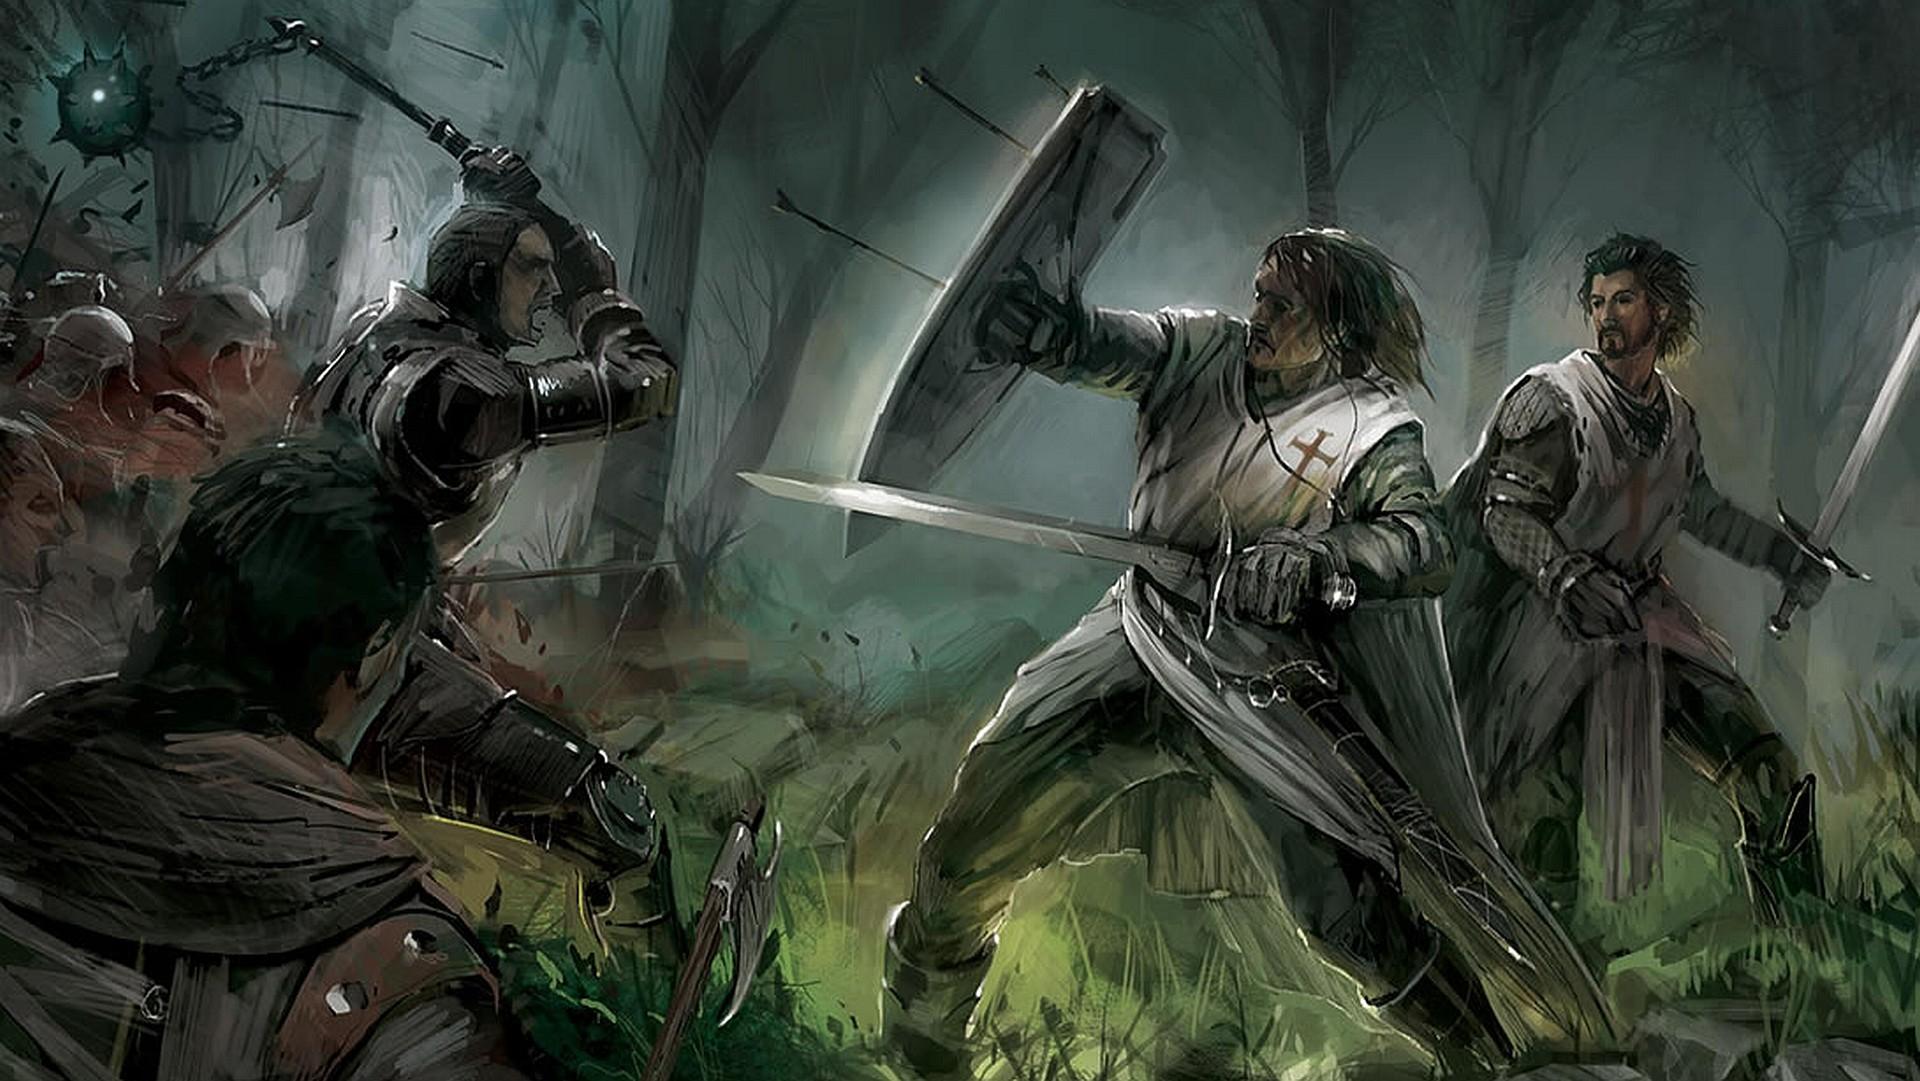 Knights Fight Wallpaper 1920x1081 Knights Fight Templars Warriors 1920x1081